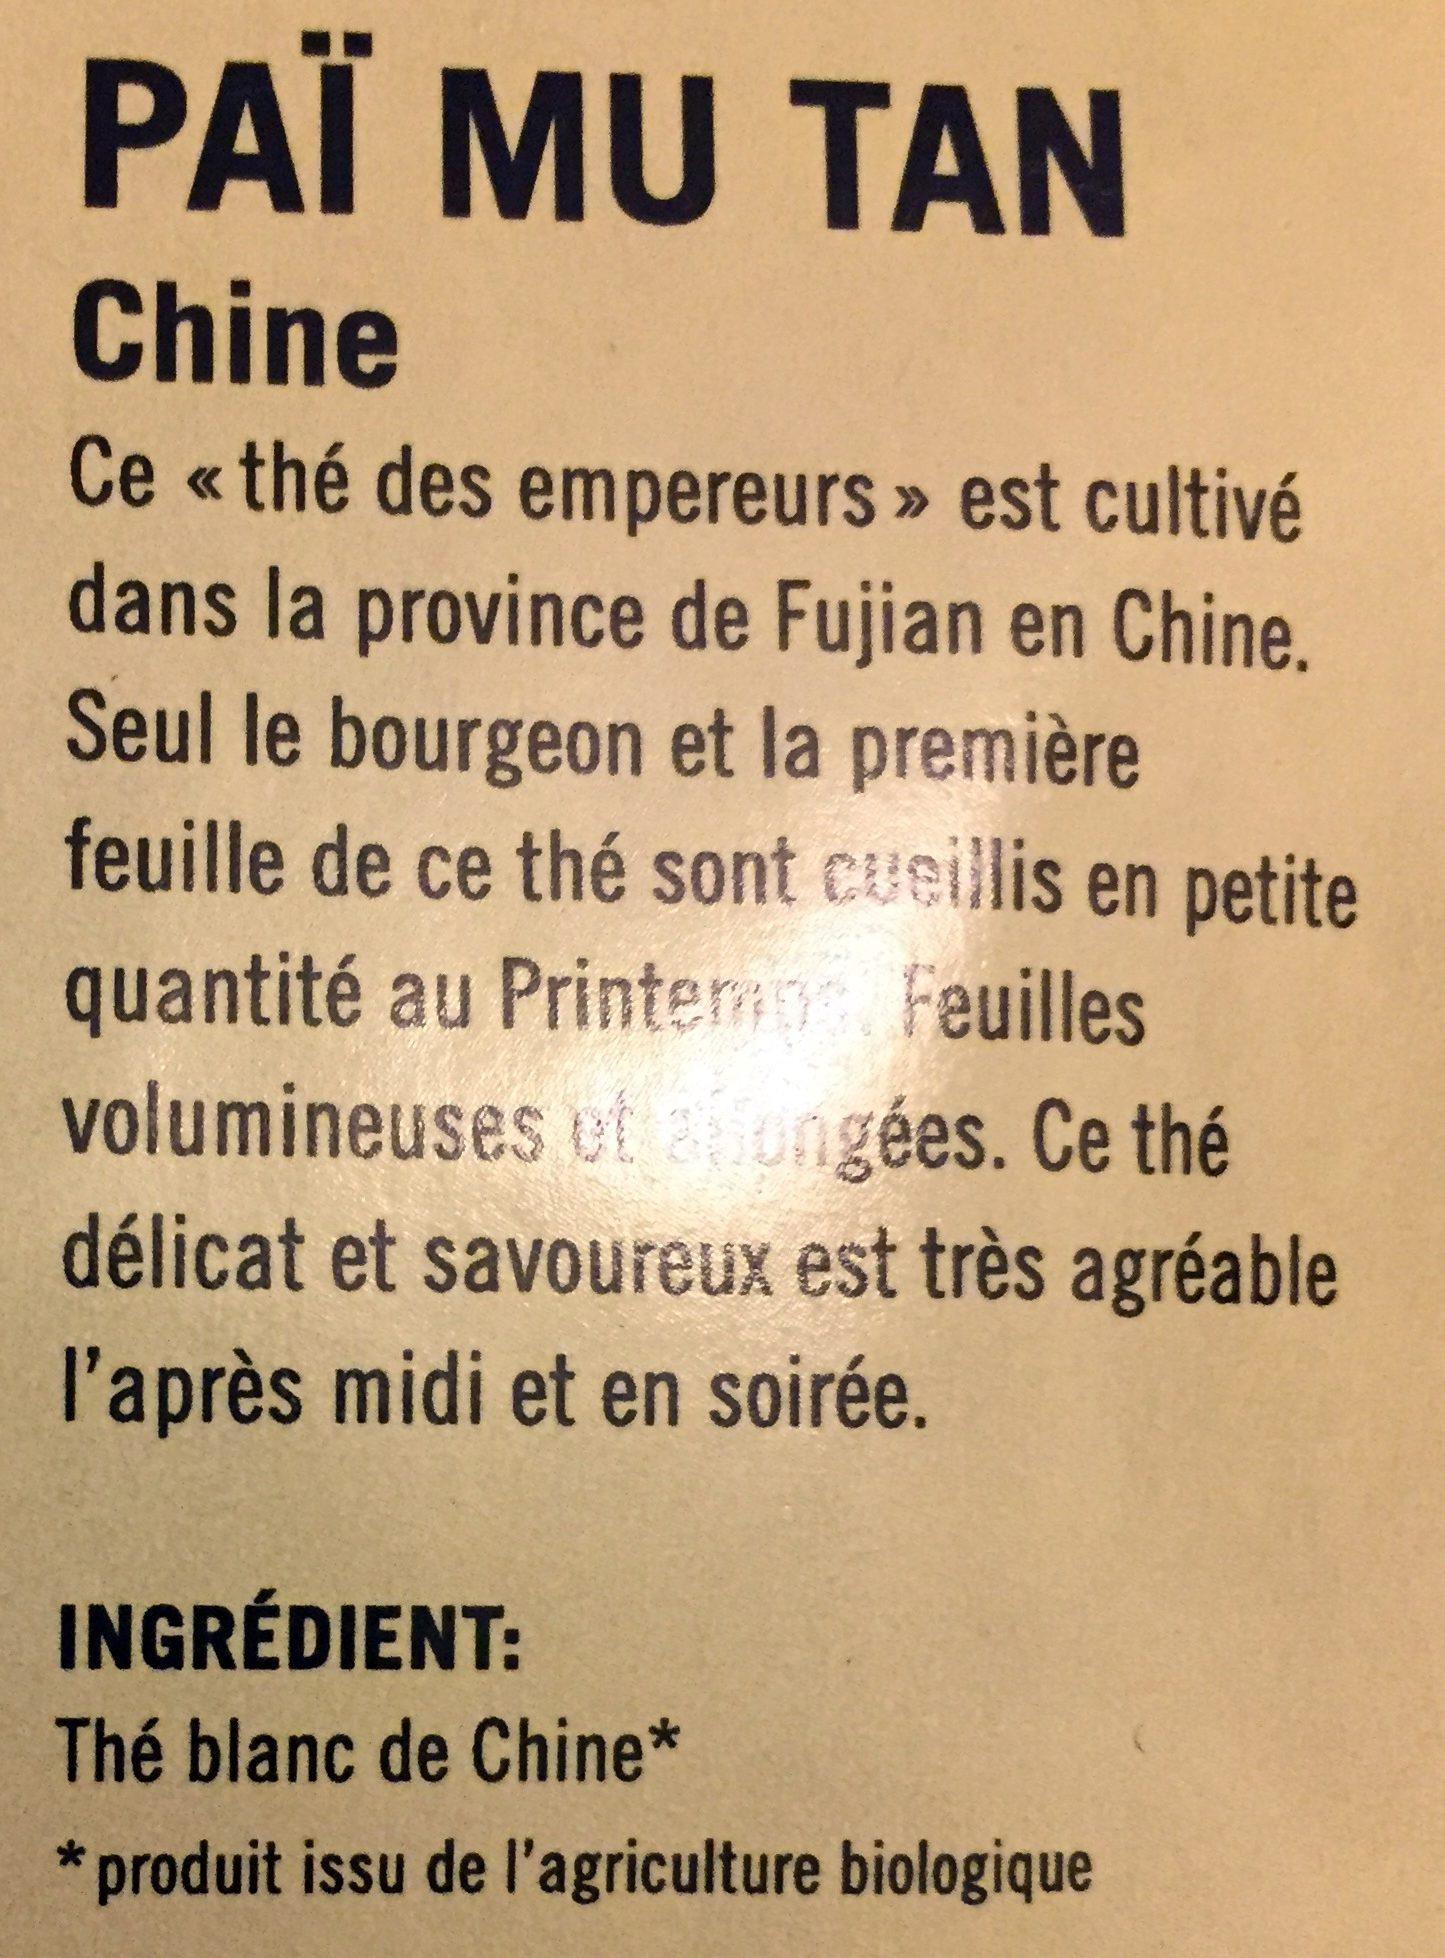 Paï Mu Tan Chine bio - Ingredients - fr